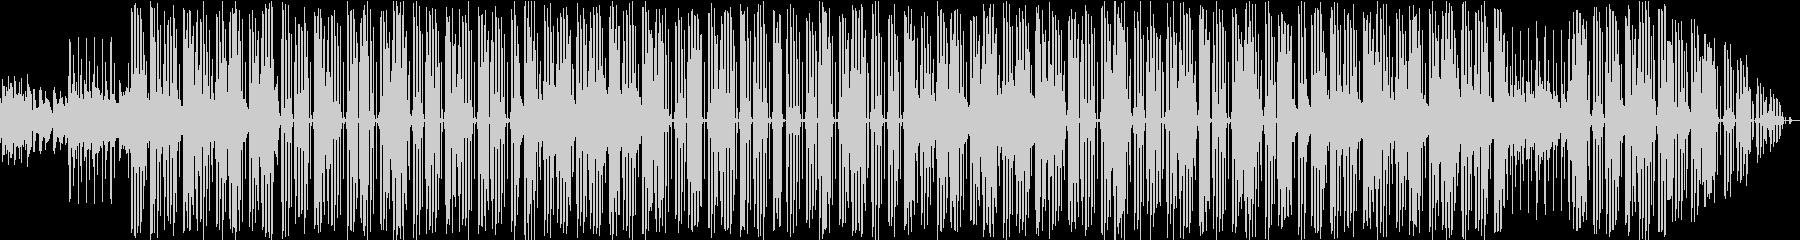 ギャングラップ イギリスのアンダー...の未再生の波形